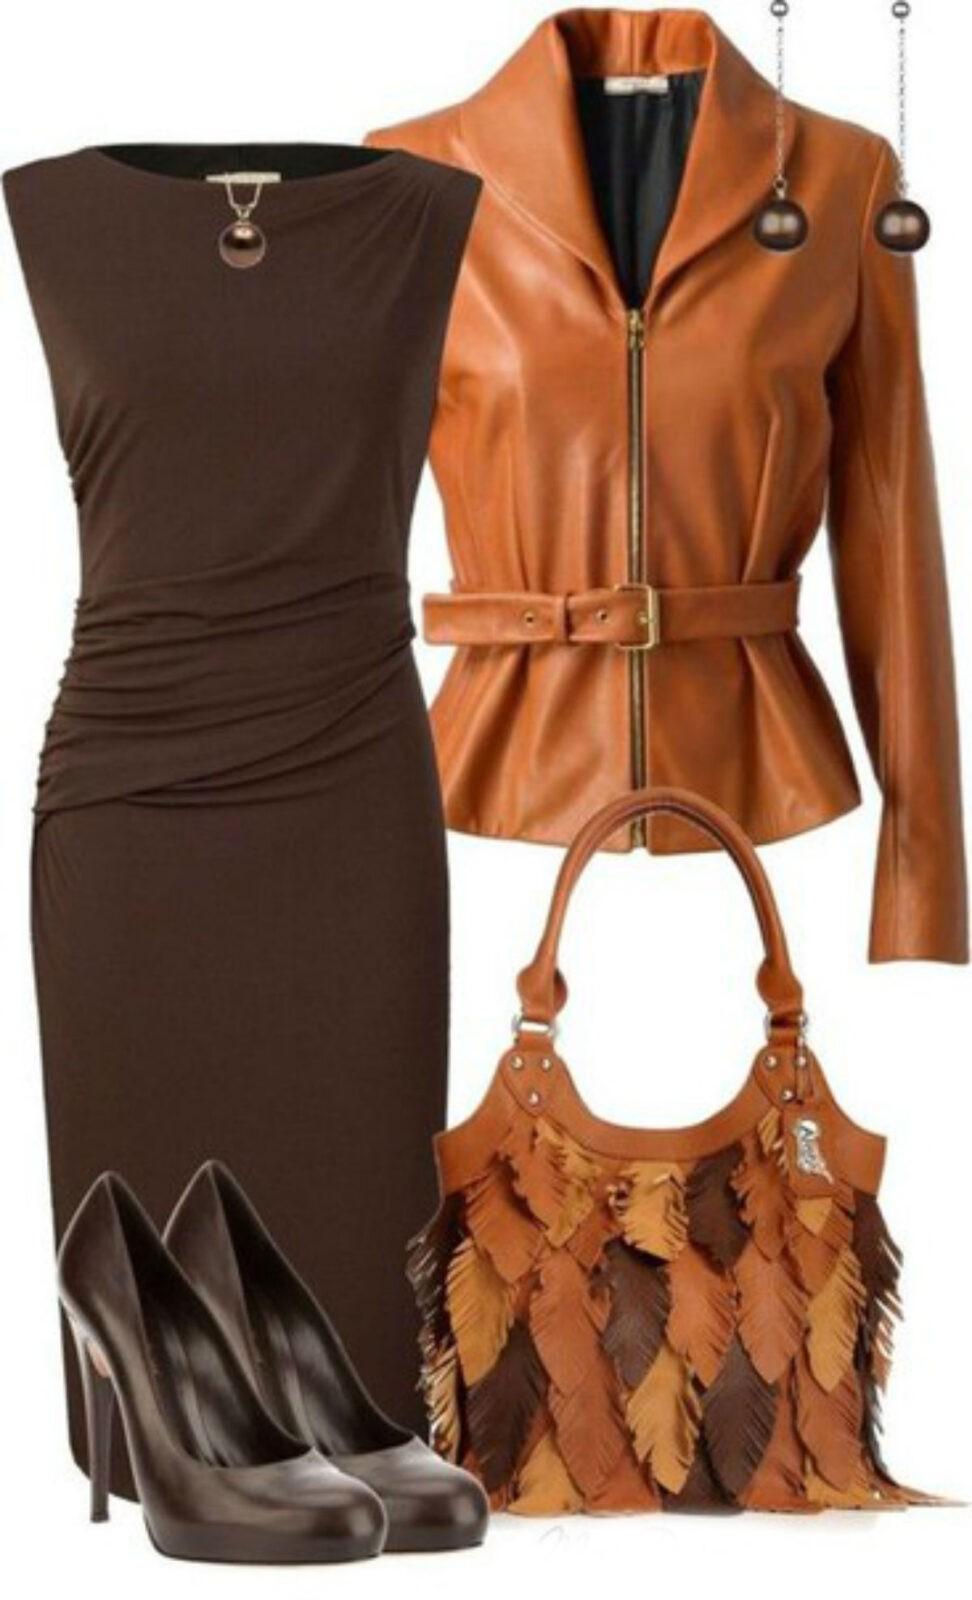 Трендовые идеи: с чем в этом году носить платья и юбки